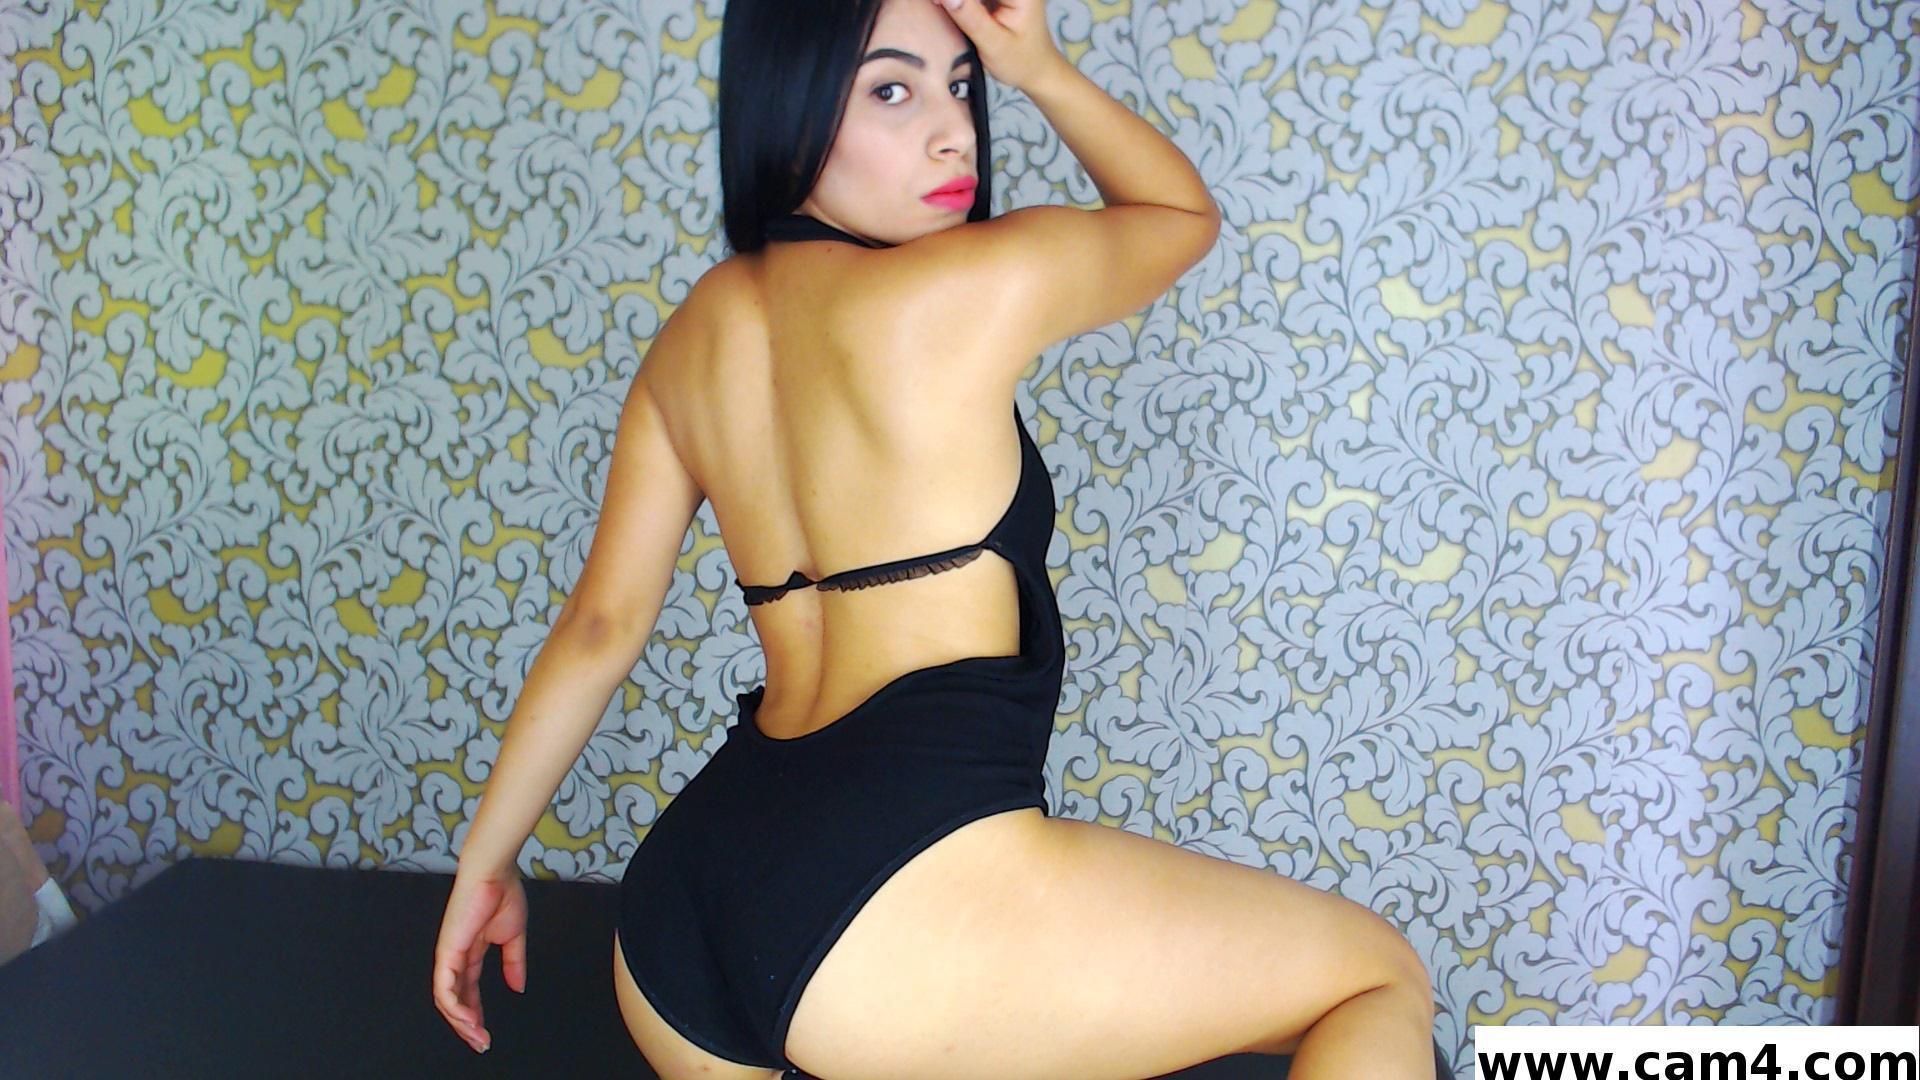 maria_lunax photo 13393397